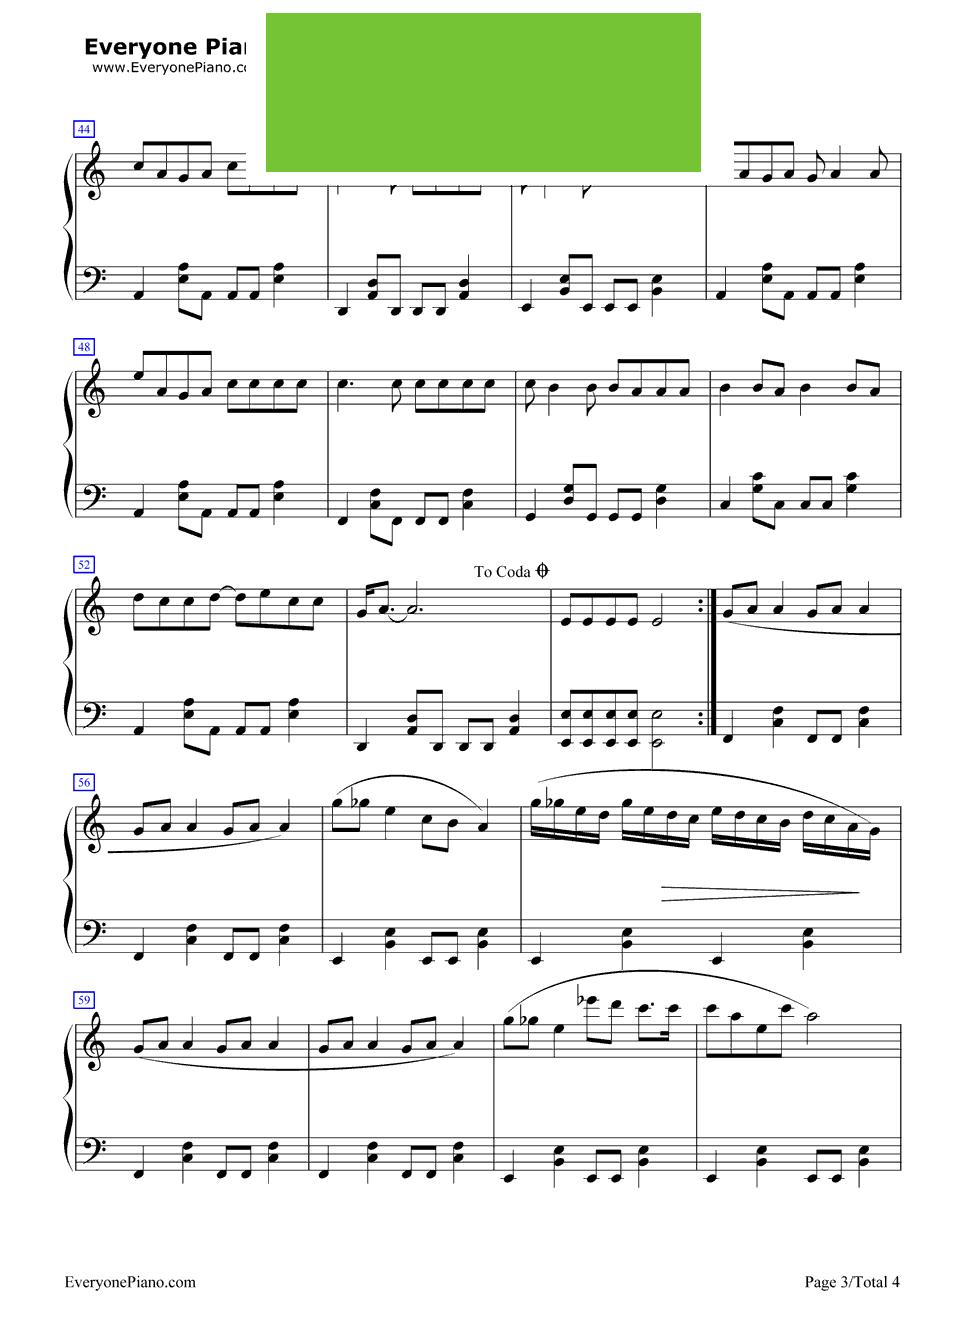 魔法城堡歌谱五线谱-卡农钢琴曲谱简图